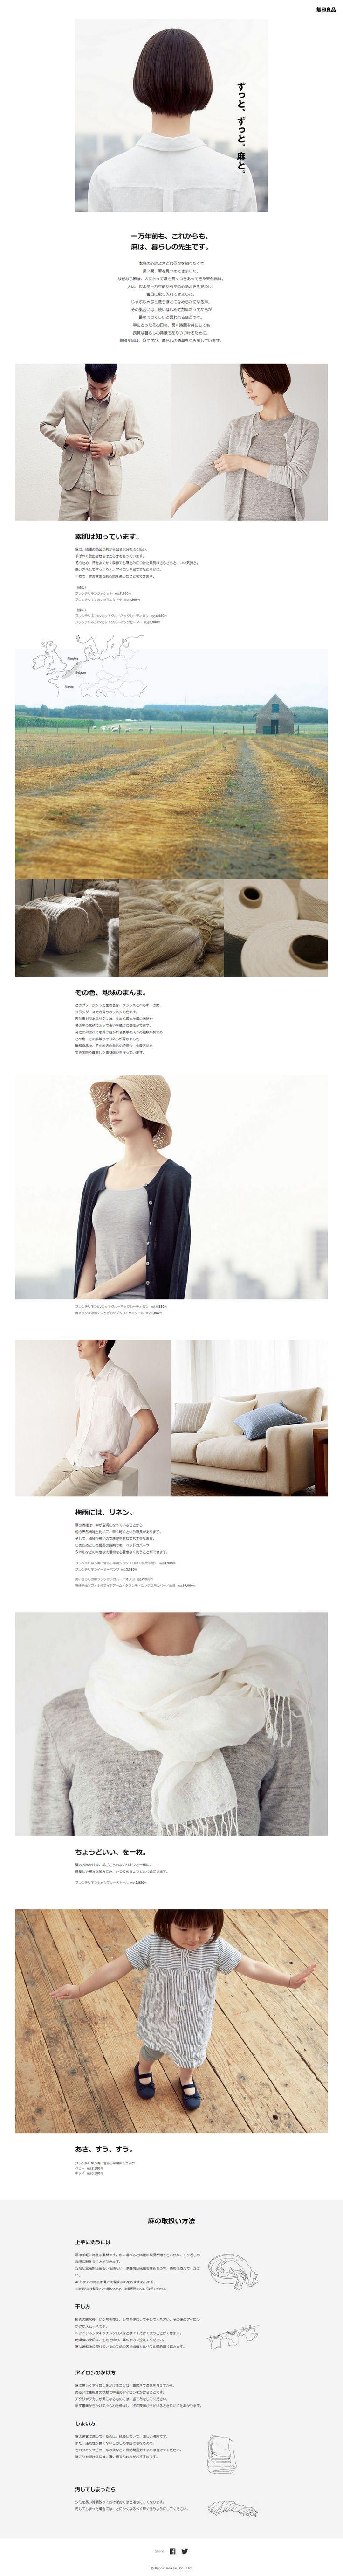 ずっと、ずっと。麻と。 無印良品 #Muji #simple http://www.muji.com/jp/feature/linen2015ss/